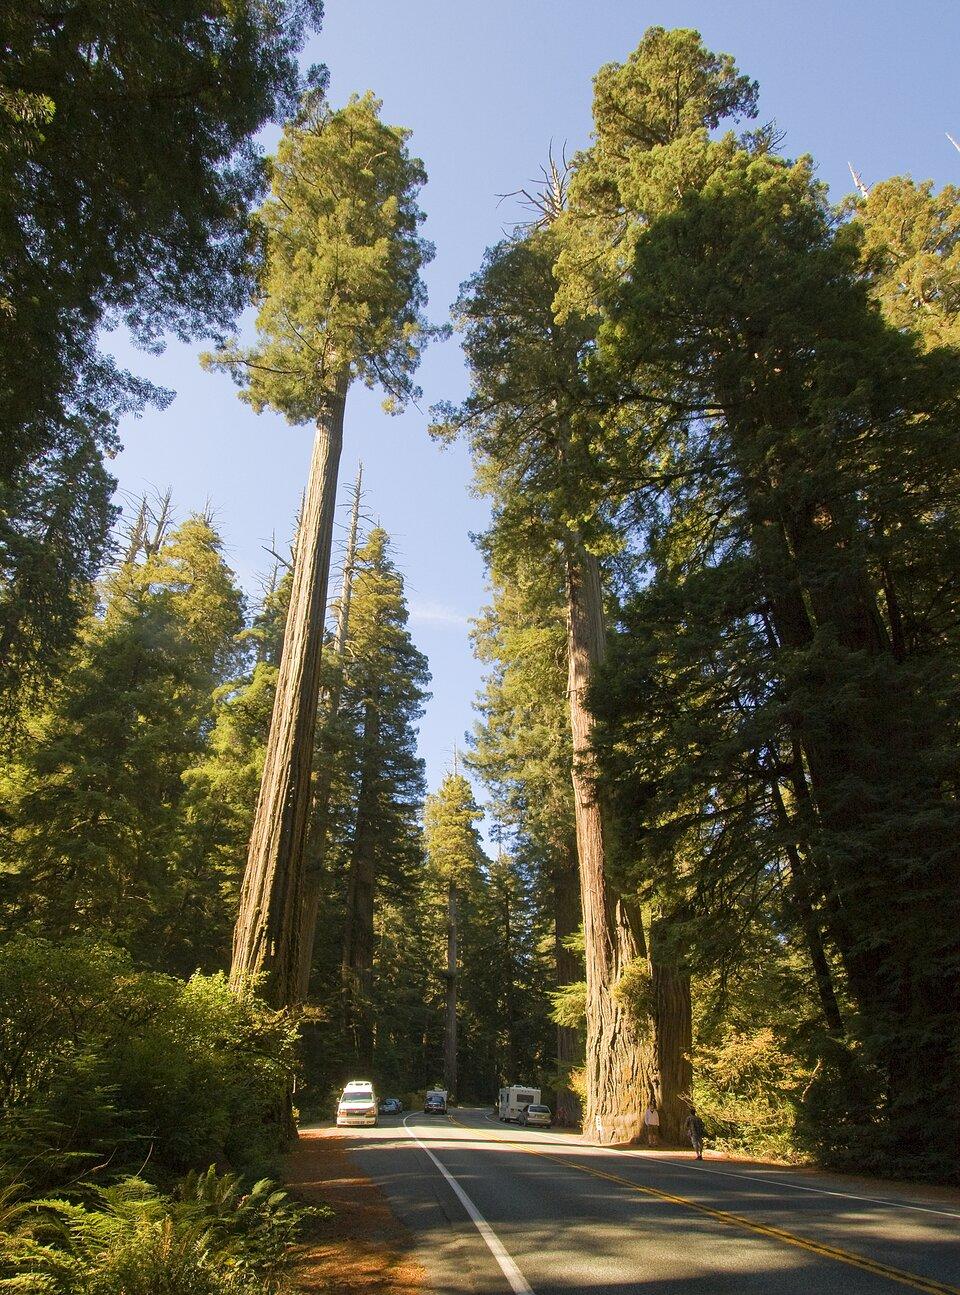 Fotografia przedstawia szosę, na poboczu której rosną wysokie drzewa, sekwoje wiecznie zielone. Są grube ibardzo wysokie wporównaniu zsamochodem na szosie. Obok imiędzy nimi rosną krzewy ipaprocie. Sekwoje rosną tylko na wschodnim wybrzeżu Stanów Zjednoczonych.